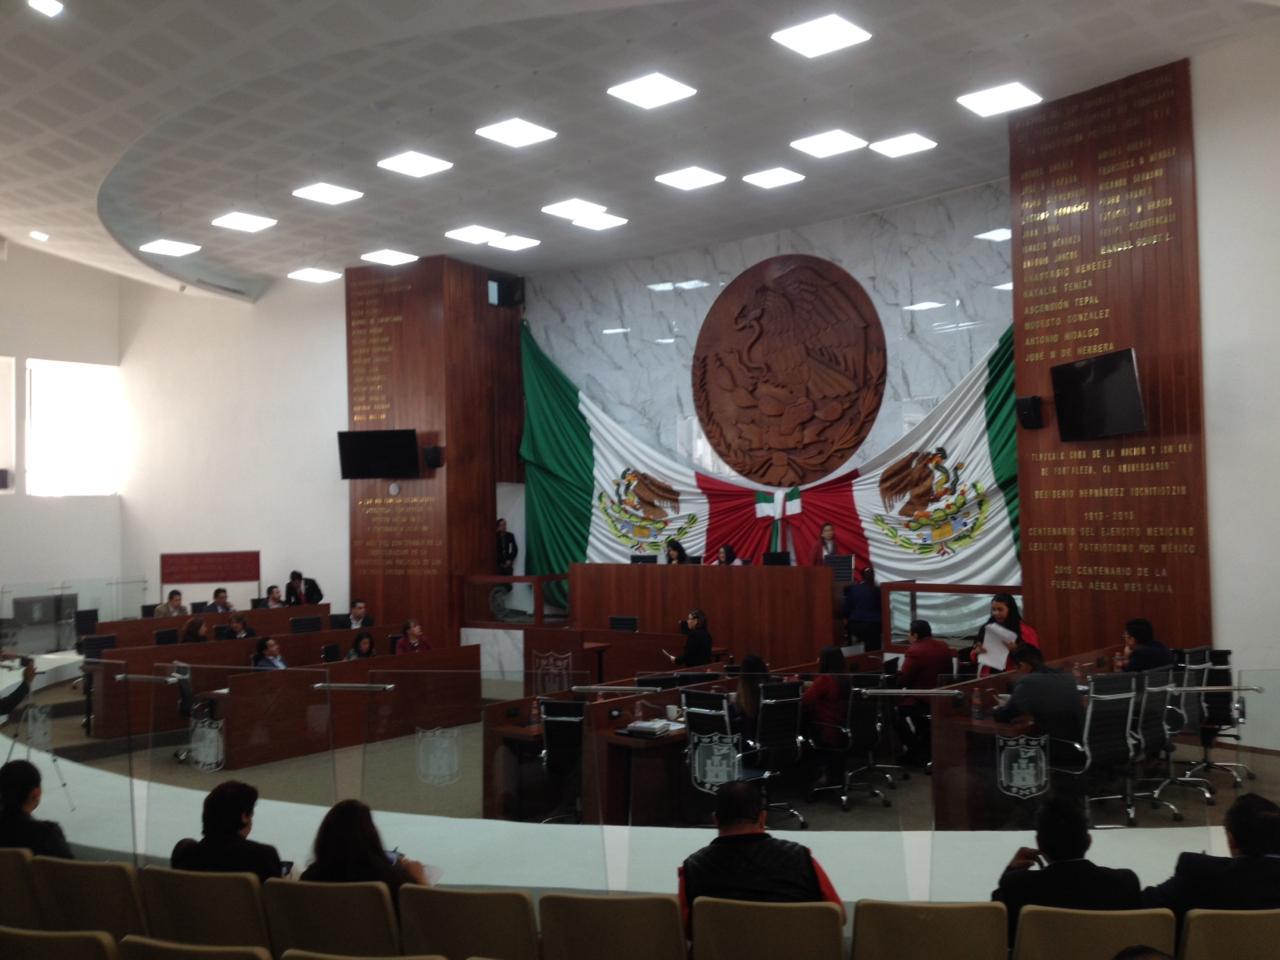 Propone Víctor Báez que documentos oficiales sean gratuitos